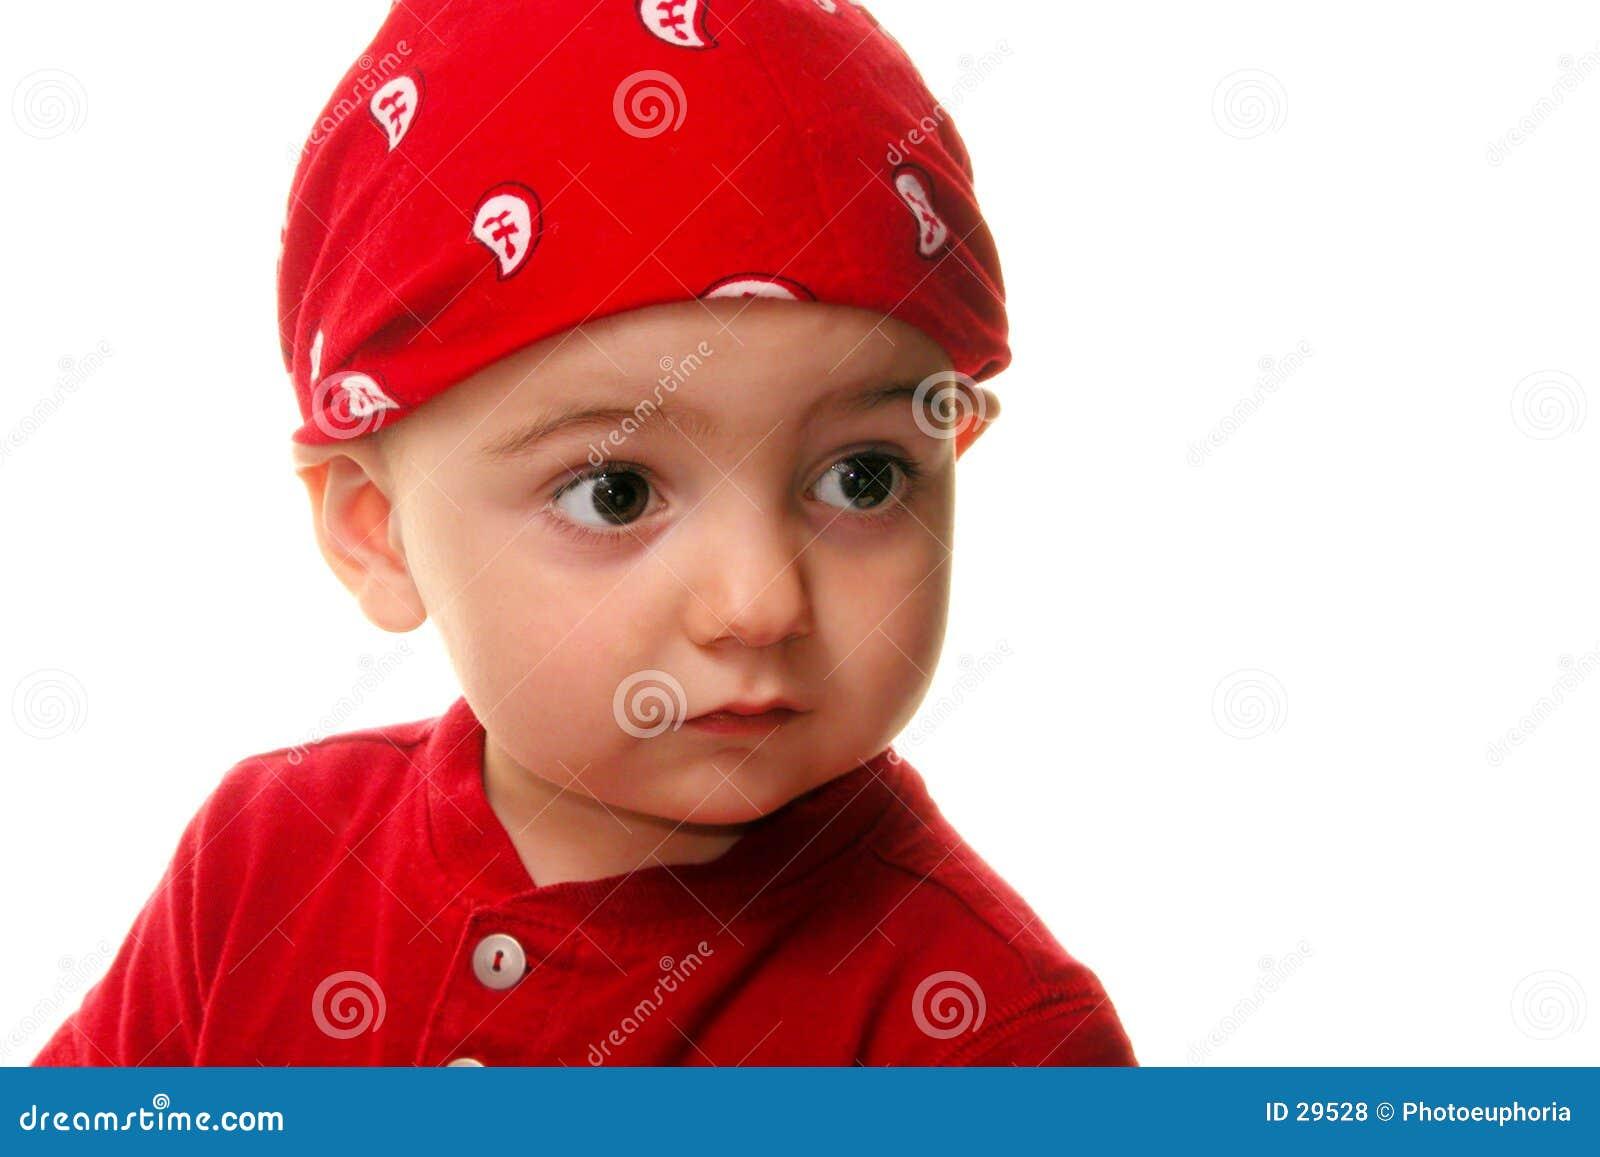 Kinder: Das Jungen-Tragen tun Lappen